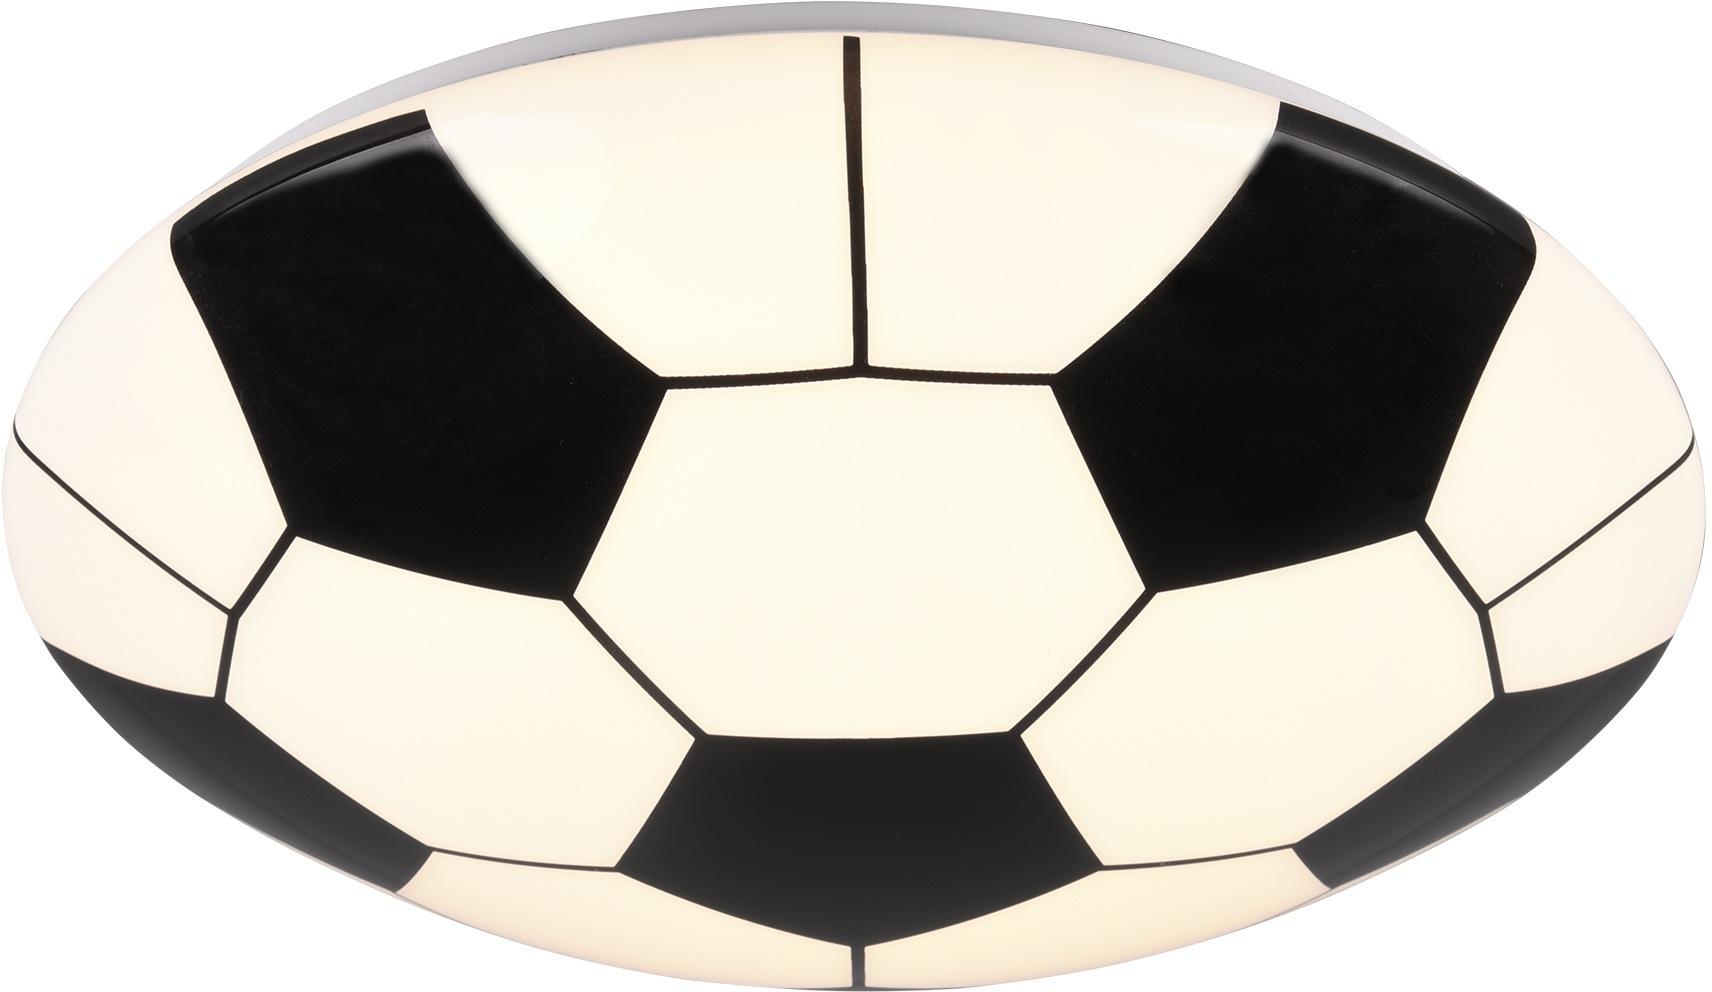 TRIO Leuchten LED Deckenleuchte Kloppi, LED-Modul, Warmweiß